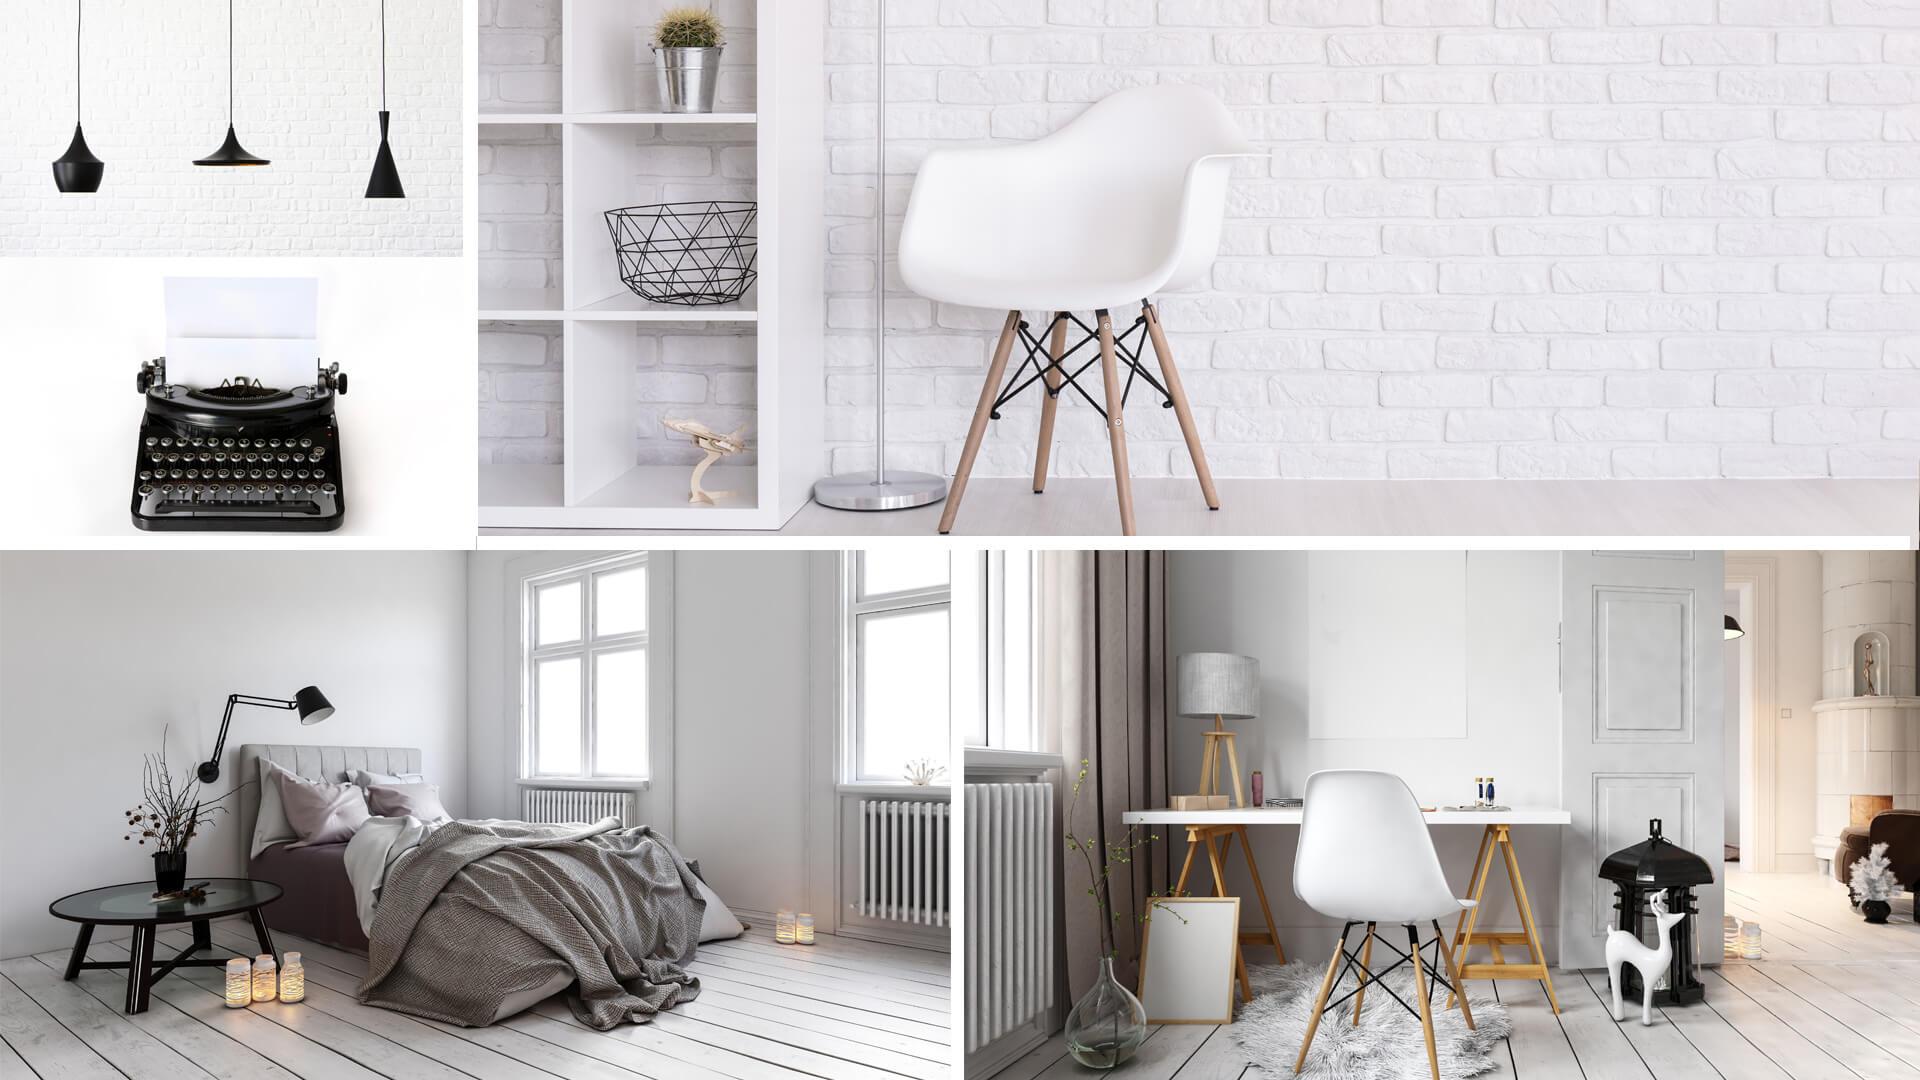 Stile nordico moderno come realizzarlo blog oknoplast for Arredamento stile nordico moderno